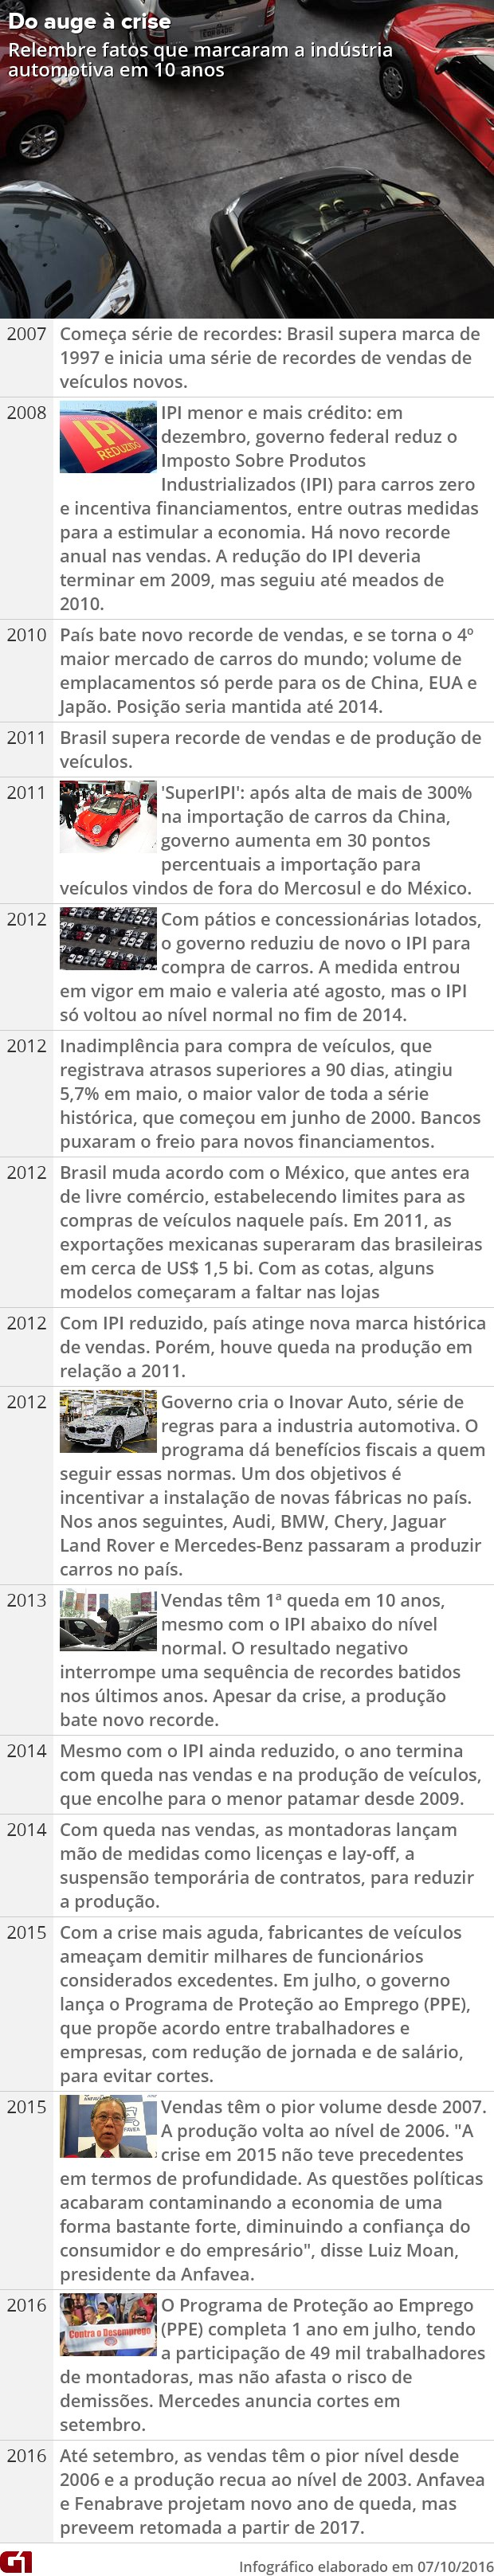 Do auge à crise: fatos que marcaram a trajetória da indústria automotiva brasileira (Foto: G1)